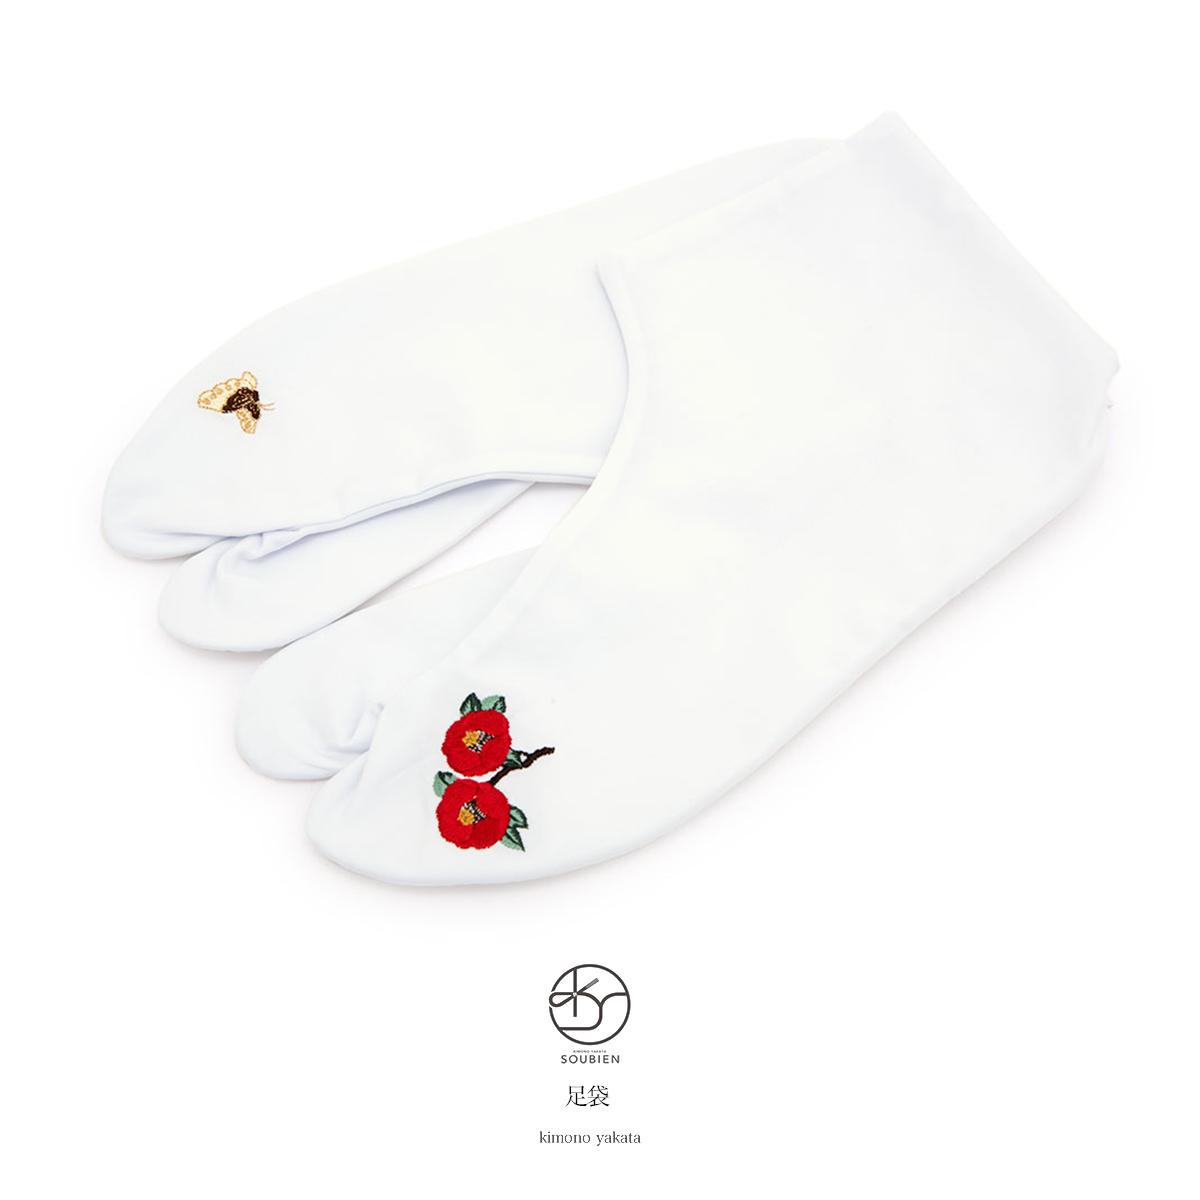 爪先ワンポイントの刺繍足袋